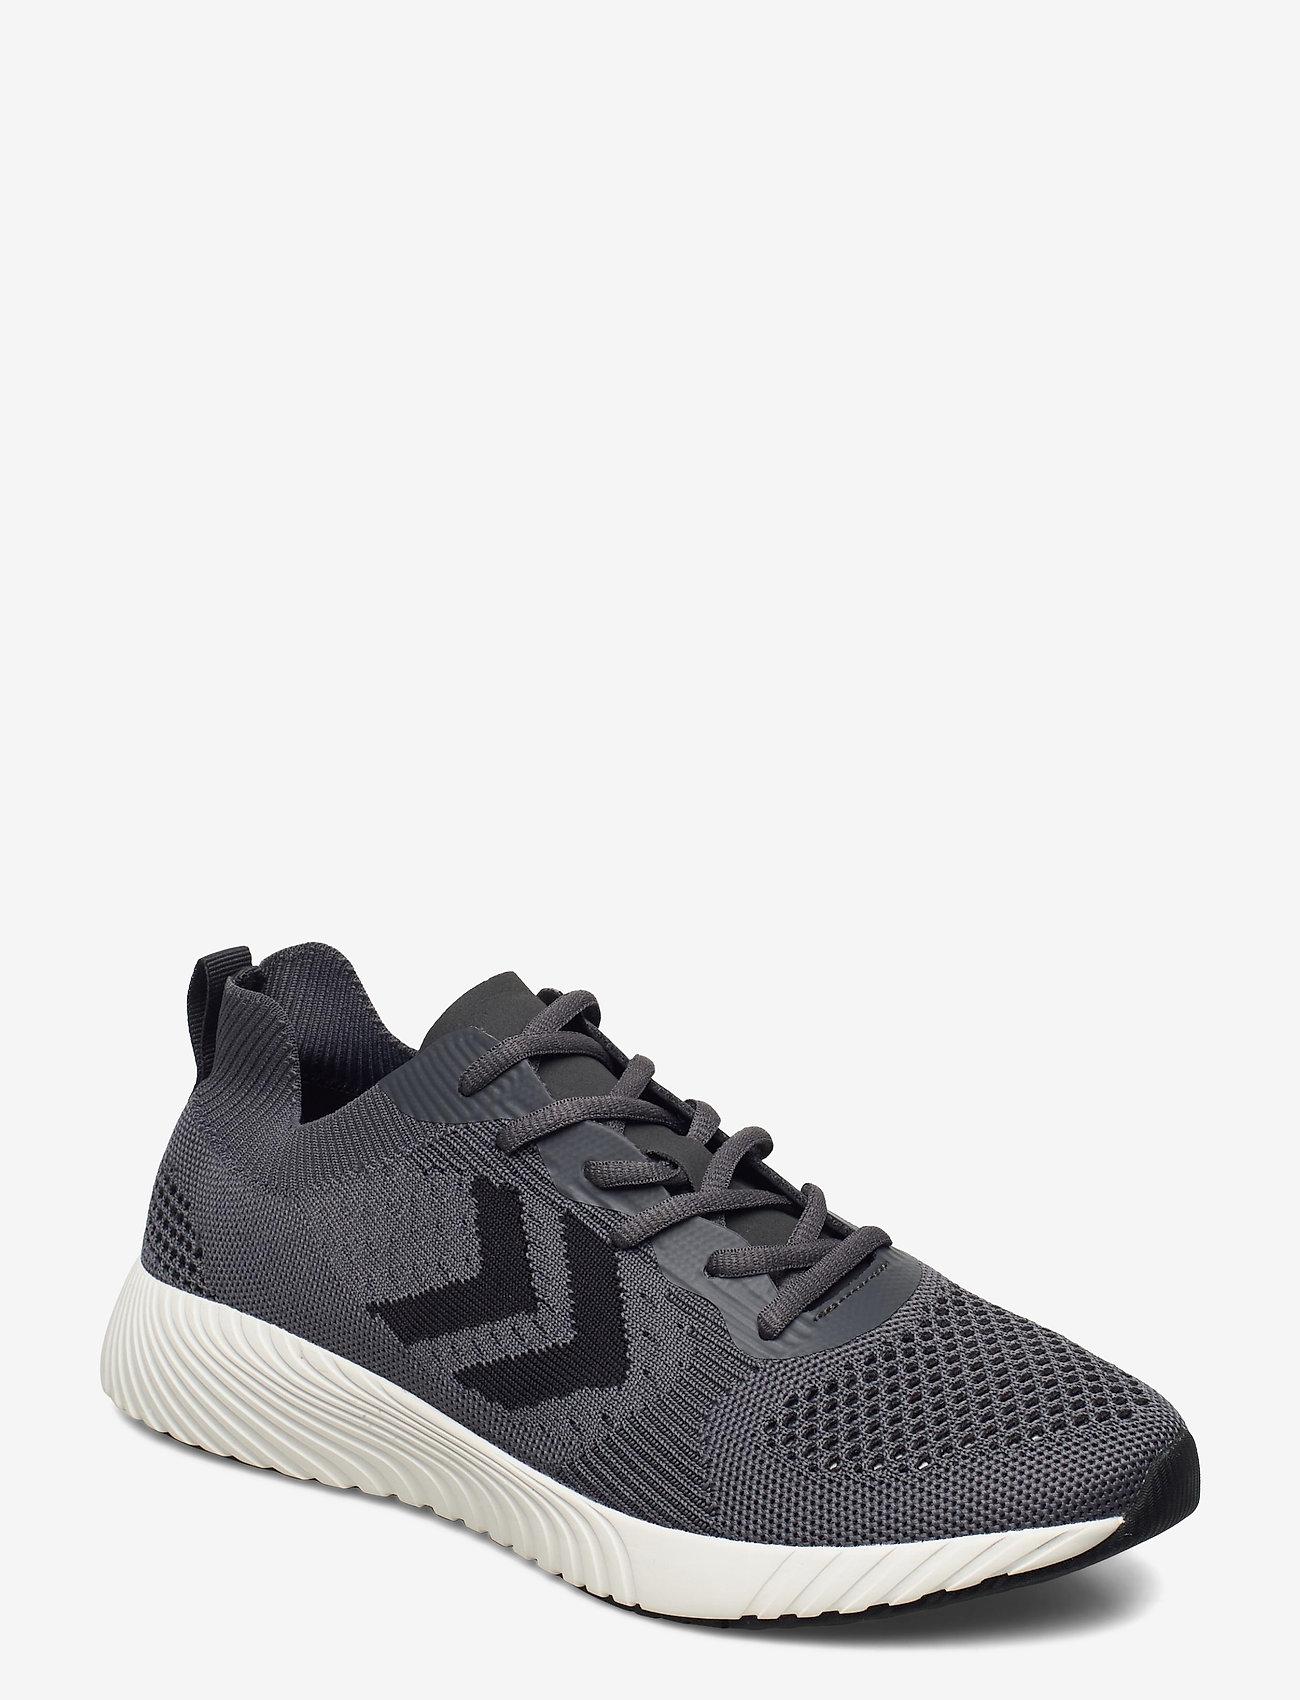 Hummel - TRINITY BREAKER SEAMLESS - laag sneakers - black - 0